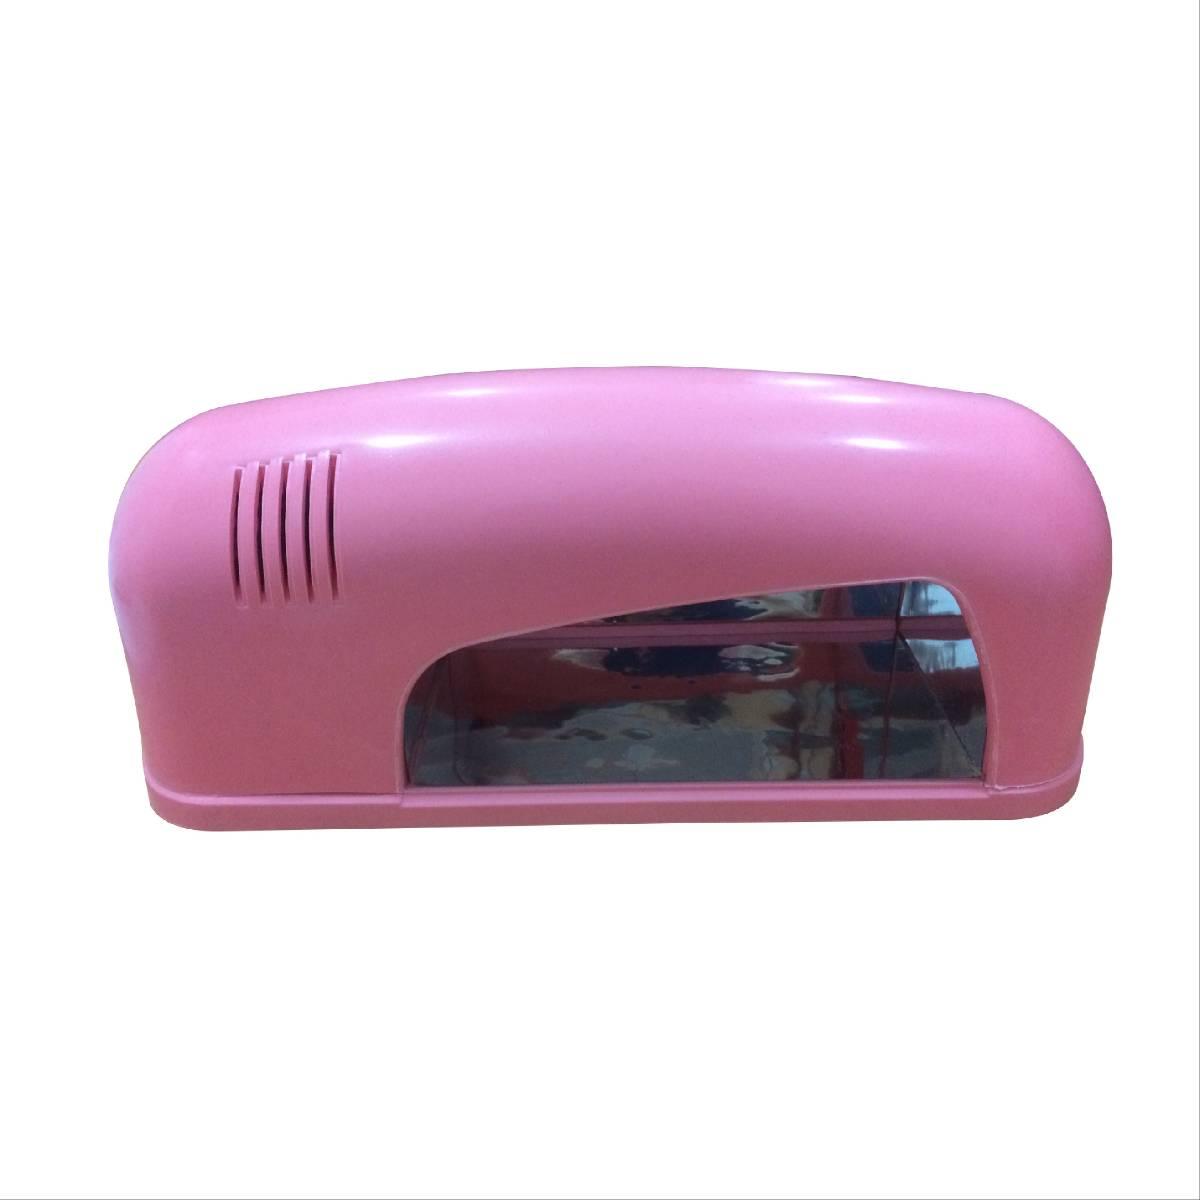 Nail Dryer Uv 9 Pink - Berfungsi Mengeringkan Kutek Kuku